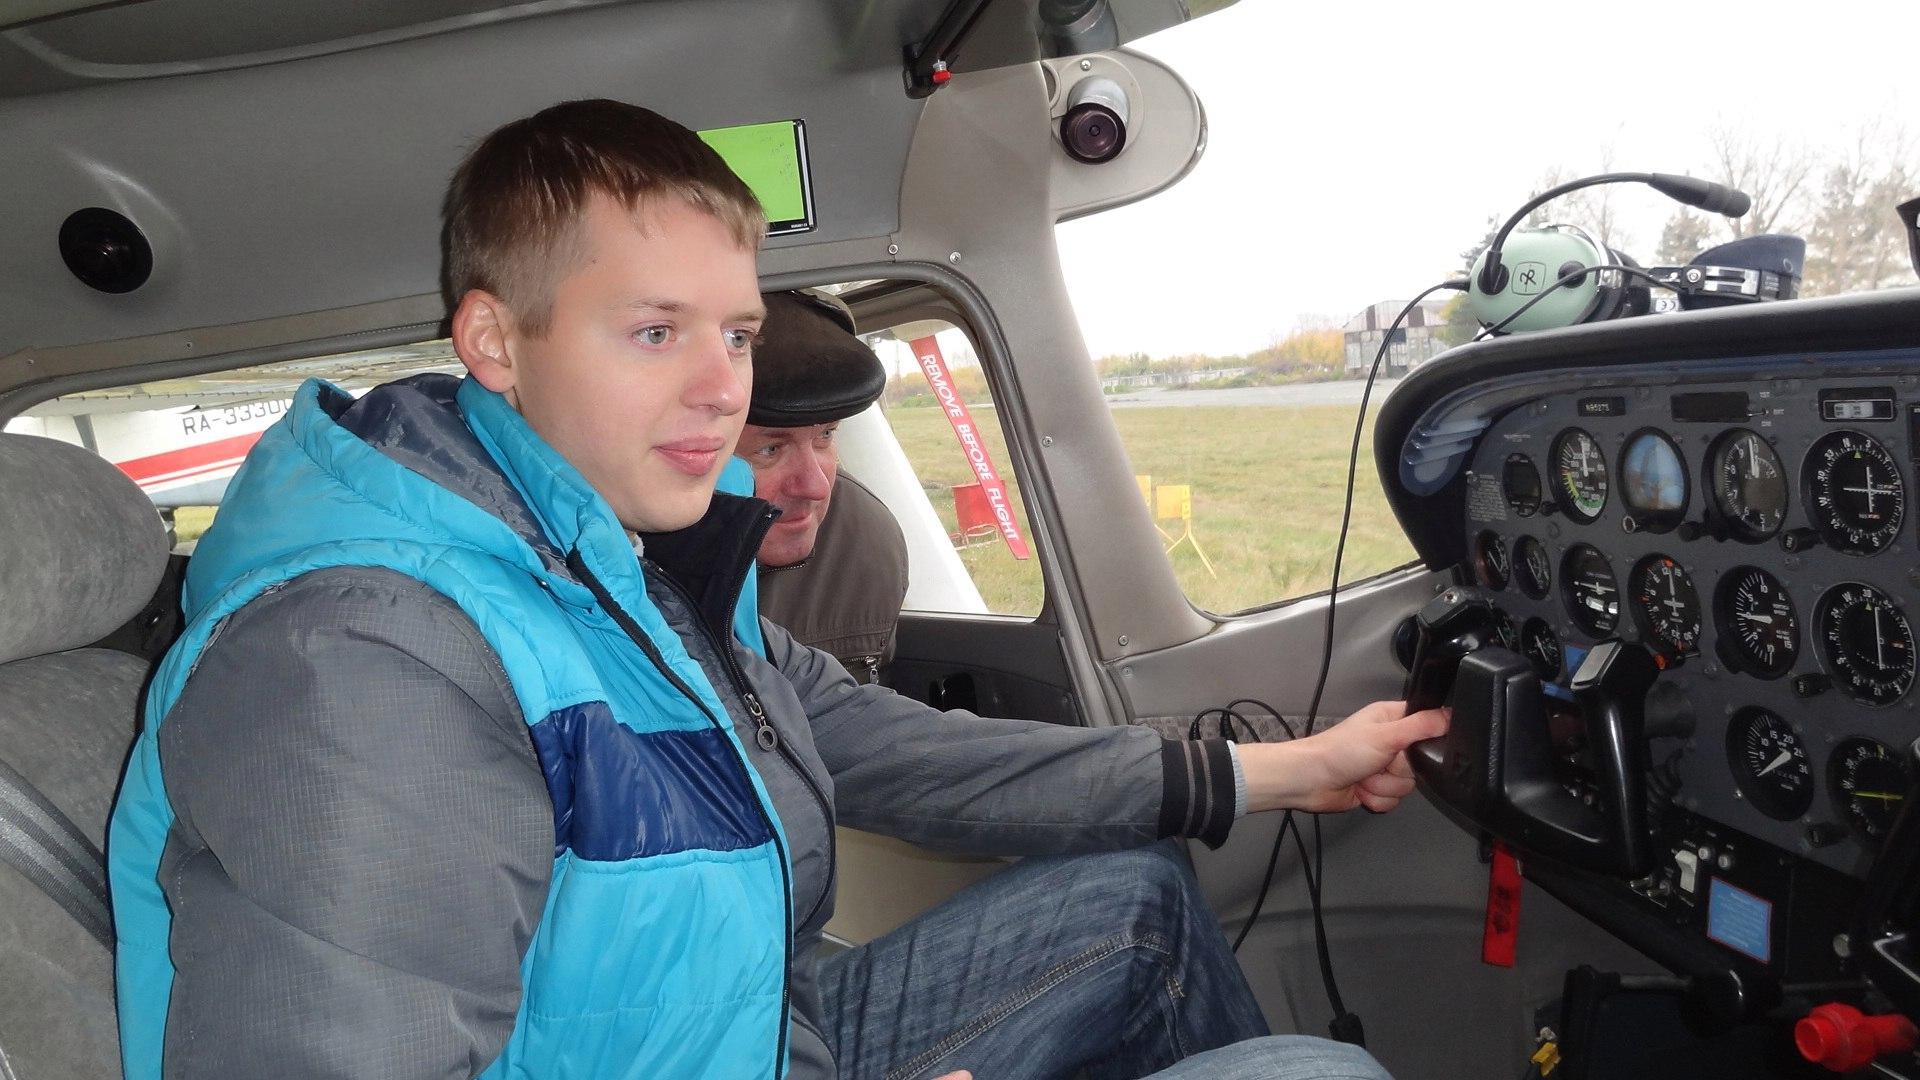 несколько вакансии пилот с переучиванием есть мужчина